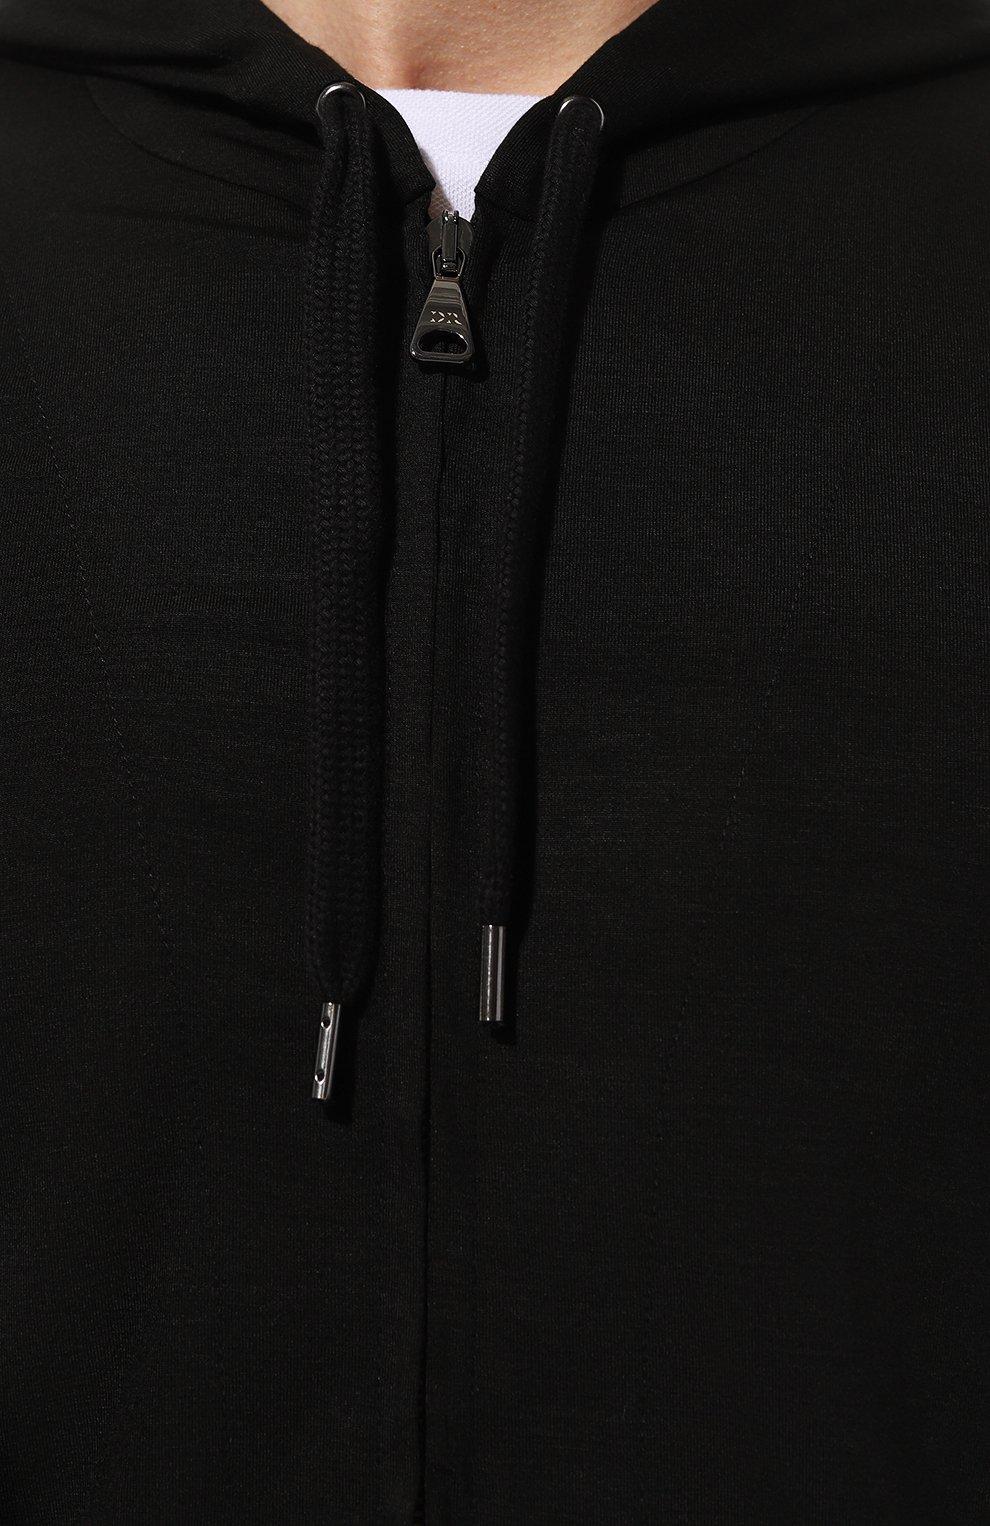 Мужской толстовка DEREK ROSE черного цвета, арт. 3126-BASE001 | Фото 5 (Рукава: Длинные; Кросс-КТ: домашняя одежда; Материал внешний: Синтетический материал; Длина (для топов): Стандартные; Стили: Спорт-шик; Мужское Кросс-КТ: Толстовка-домашняя одежда)